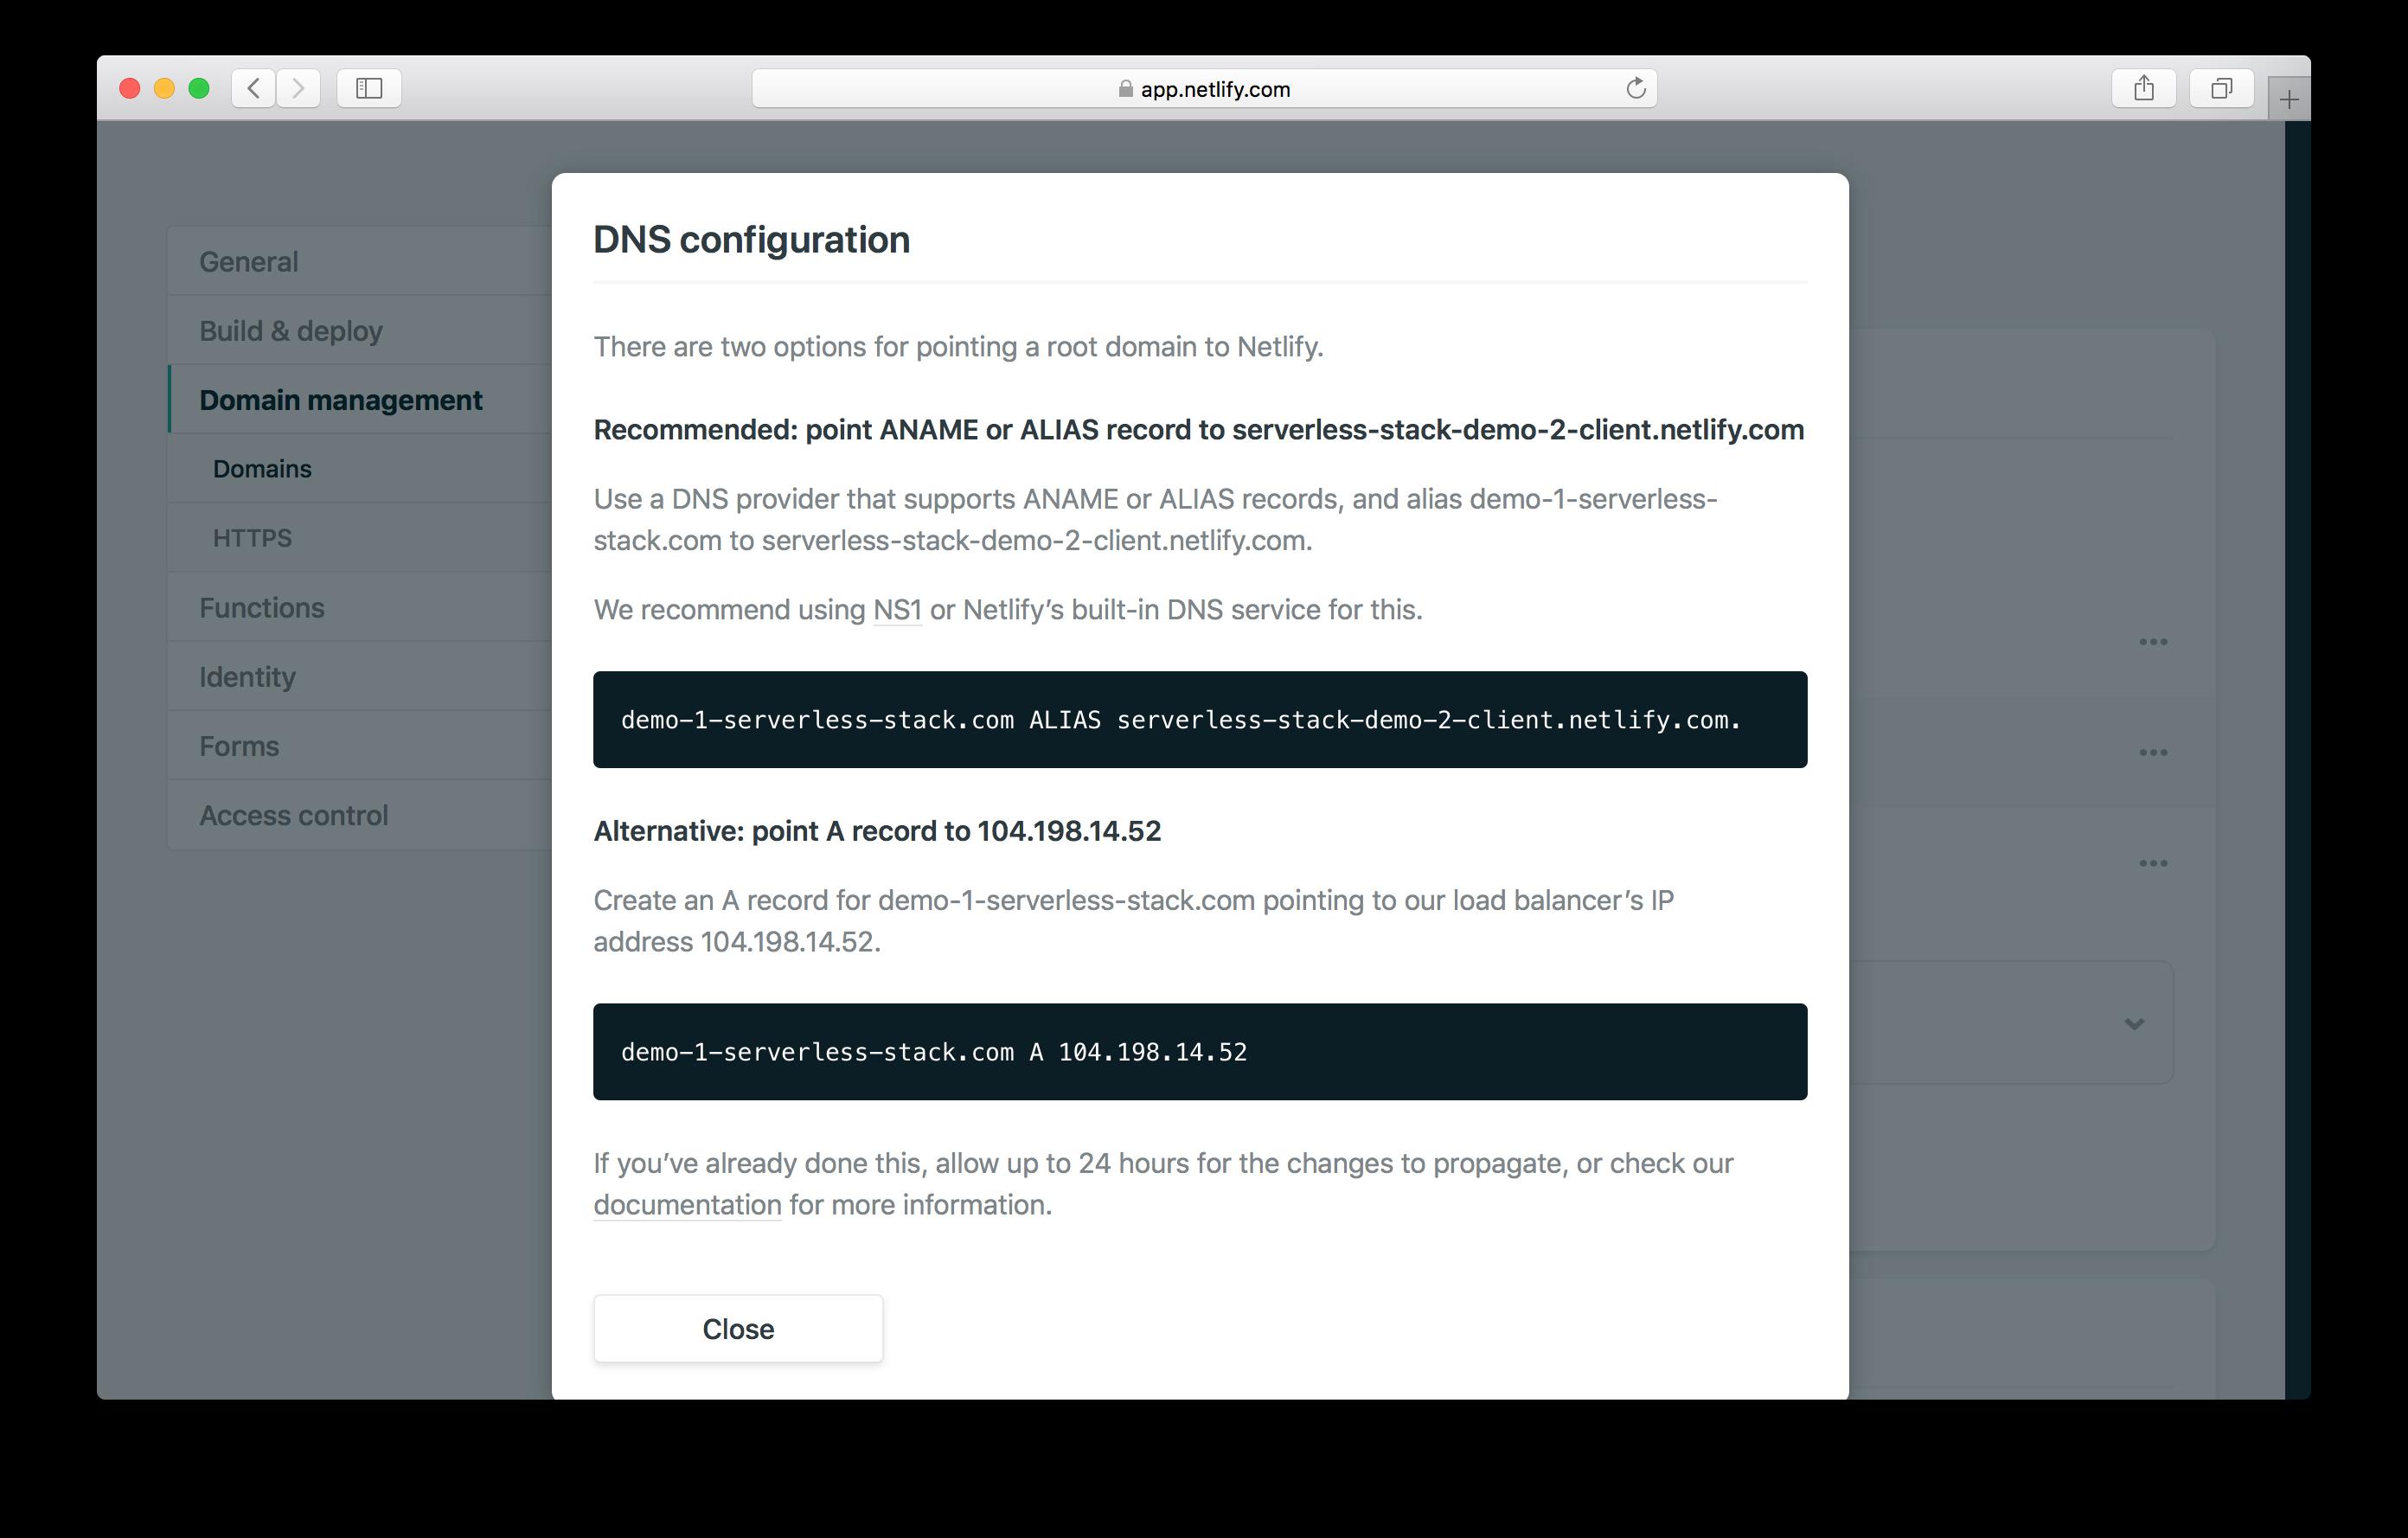 DNS 구성 대와 화면